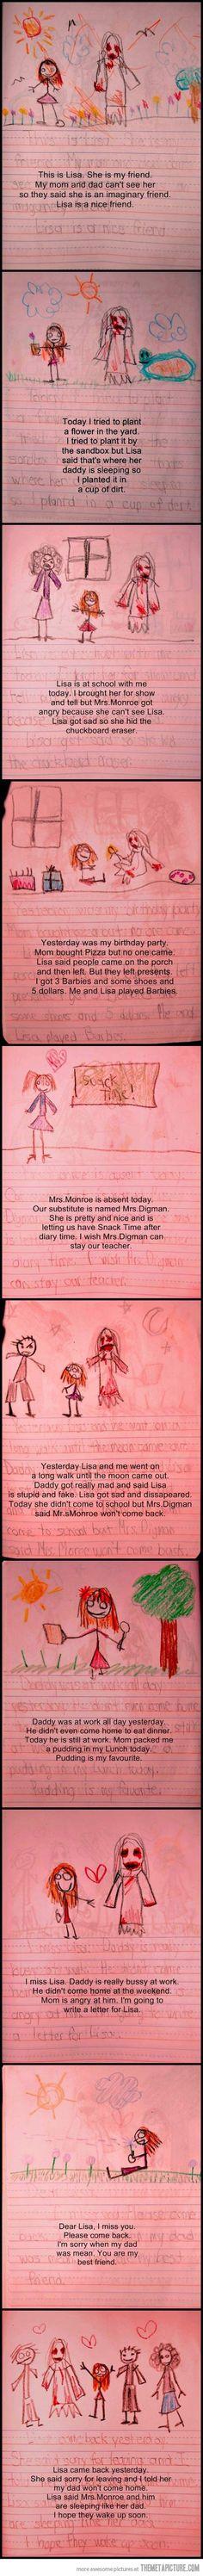 Creepy Little Girl Diary…